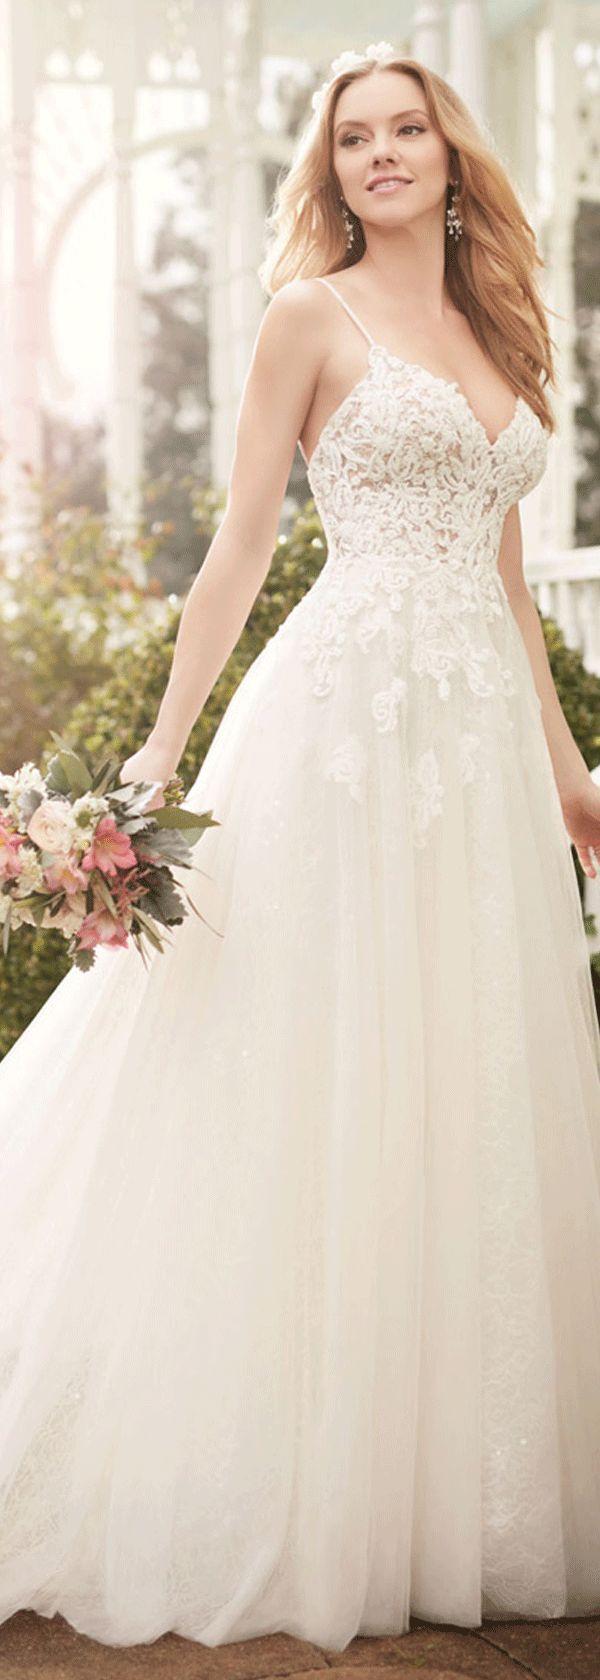 best dream wedding images on pinterest gown wedding wedding